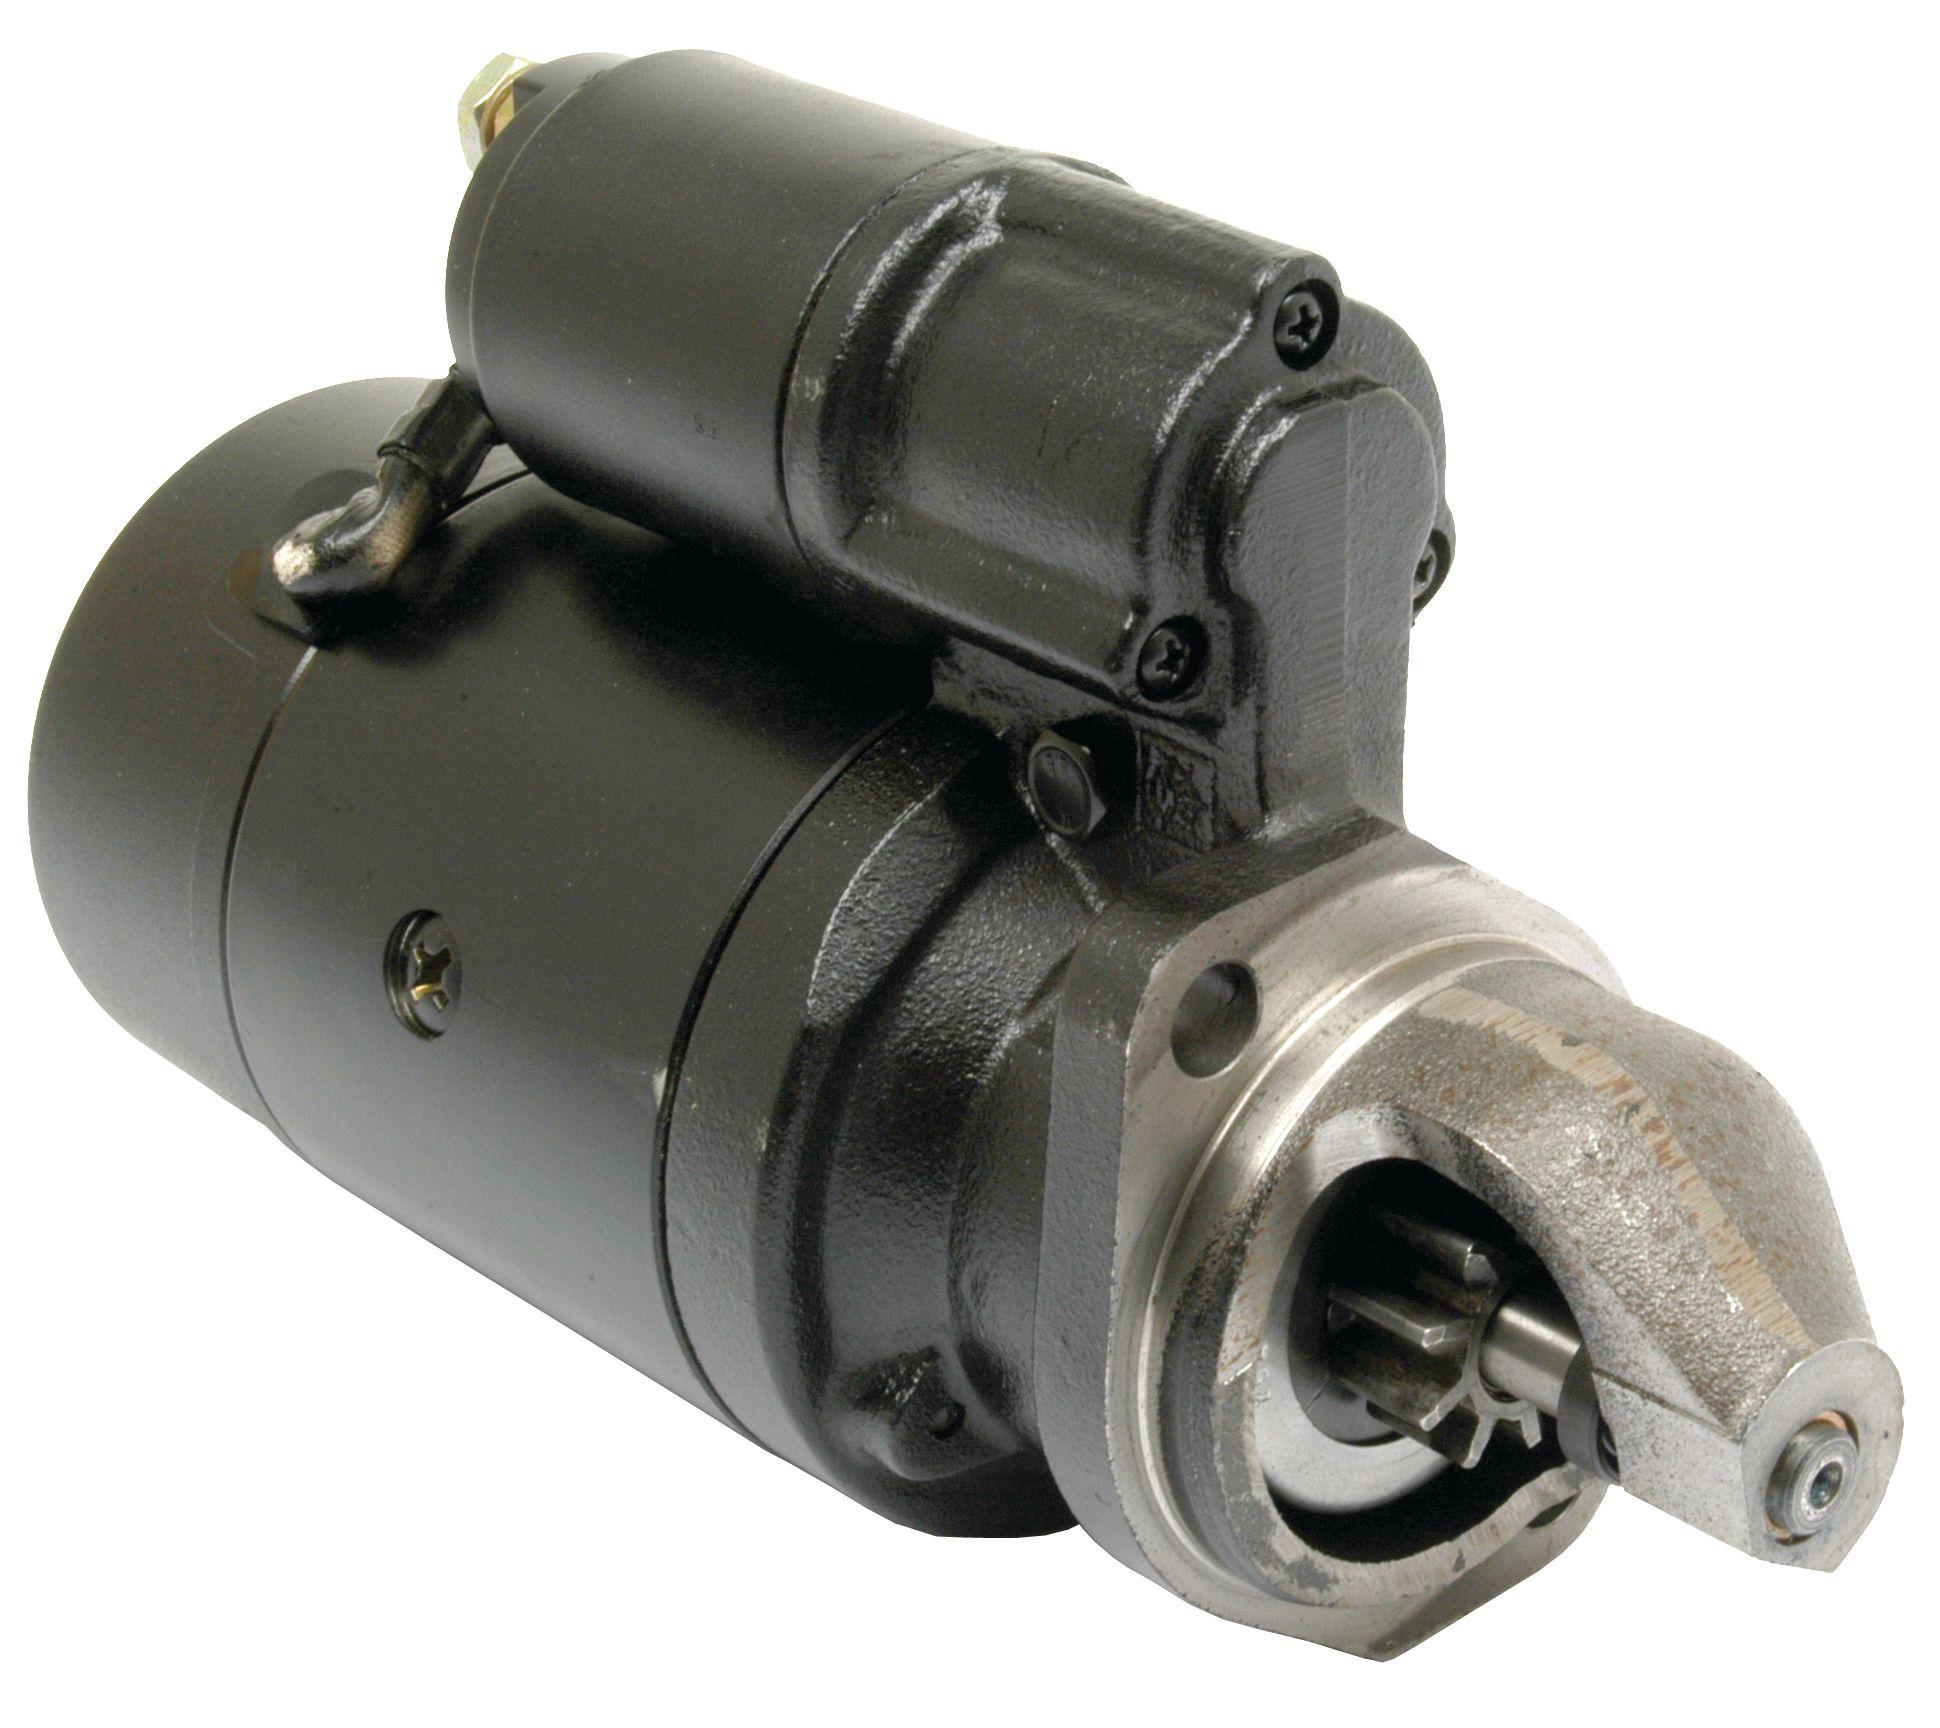 DEUTZ-FAHR STARTER MOTOR (ISKRA) 36102